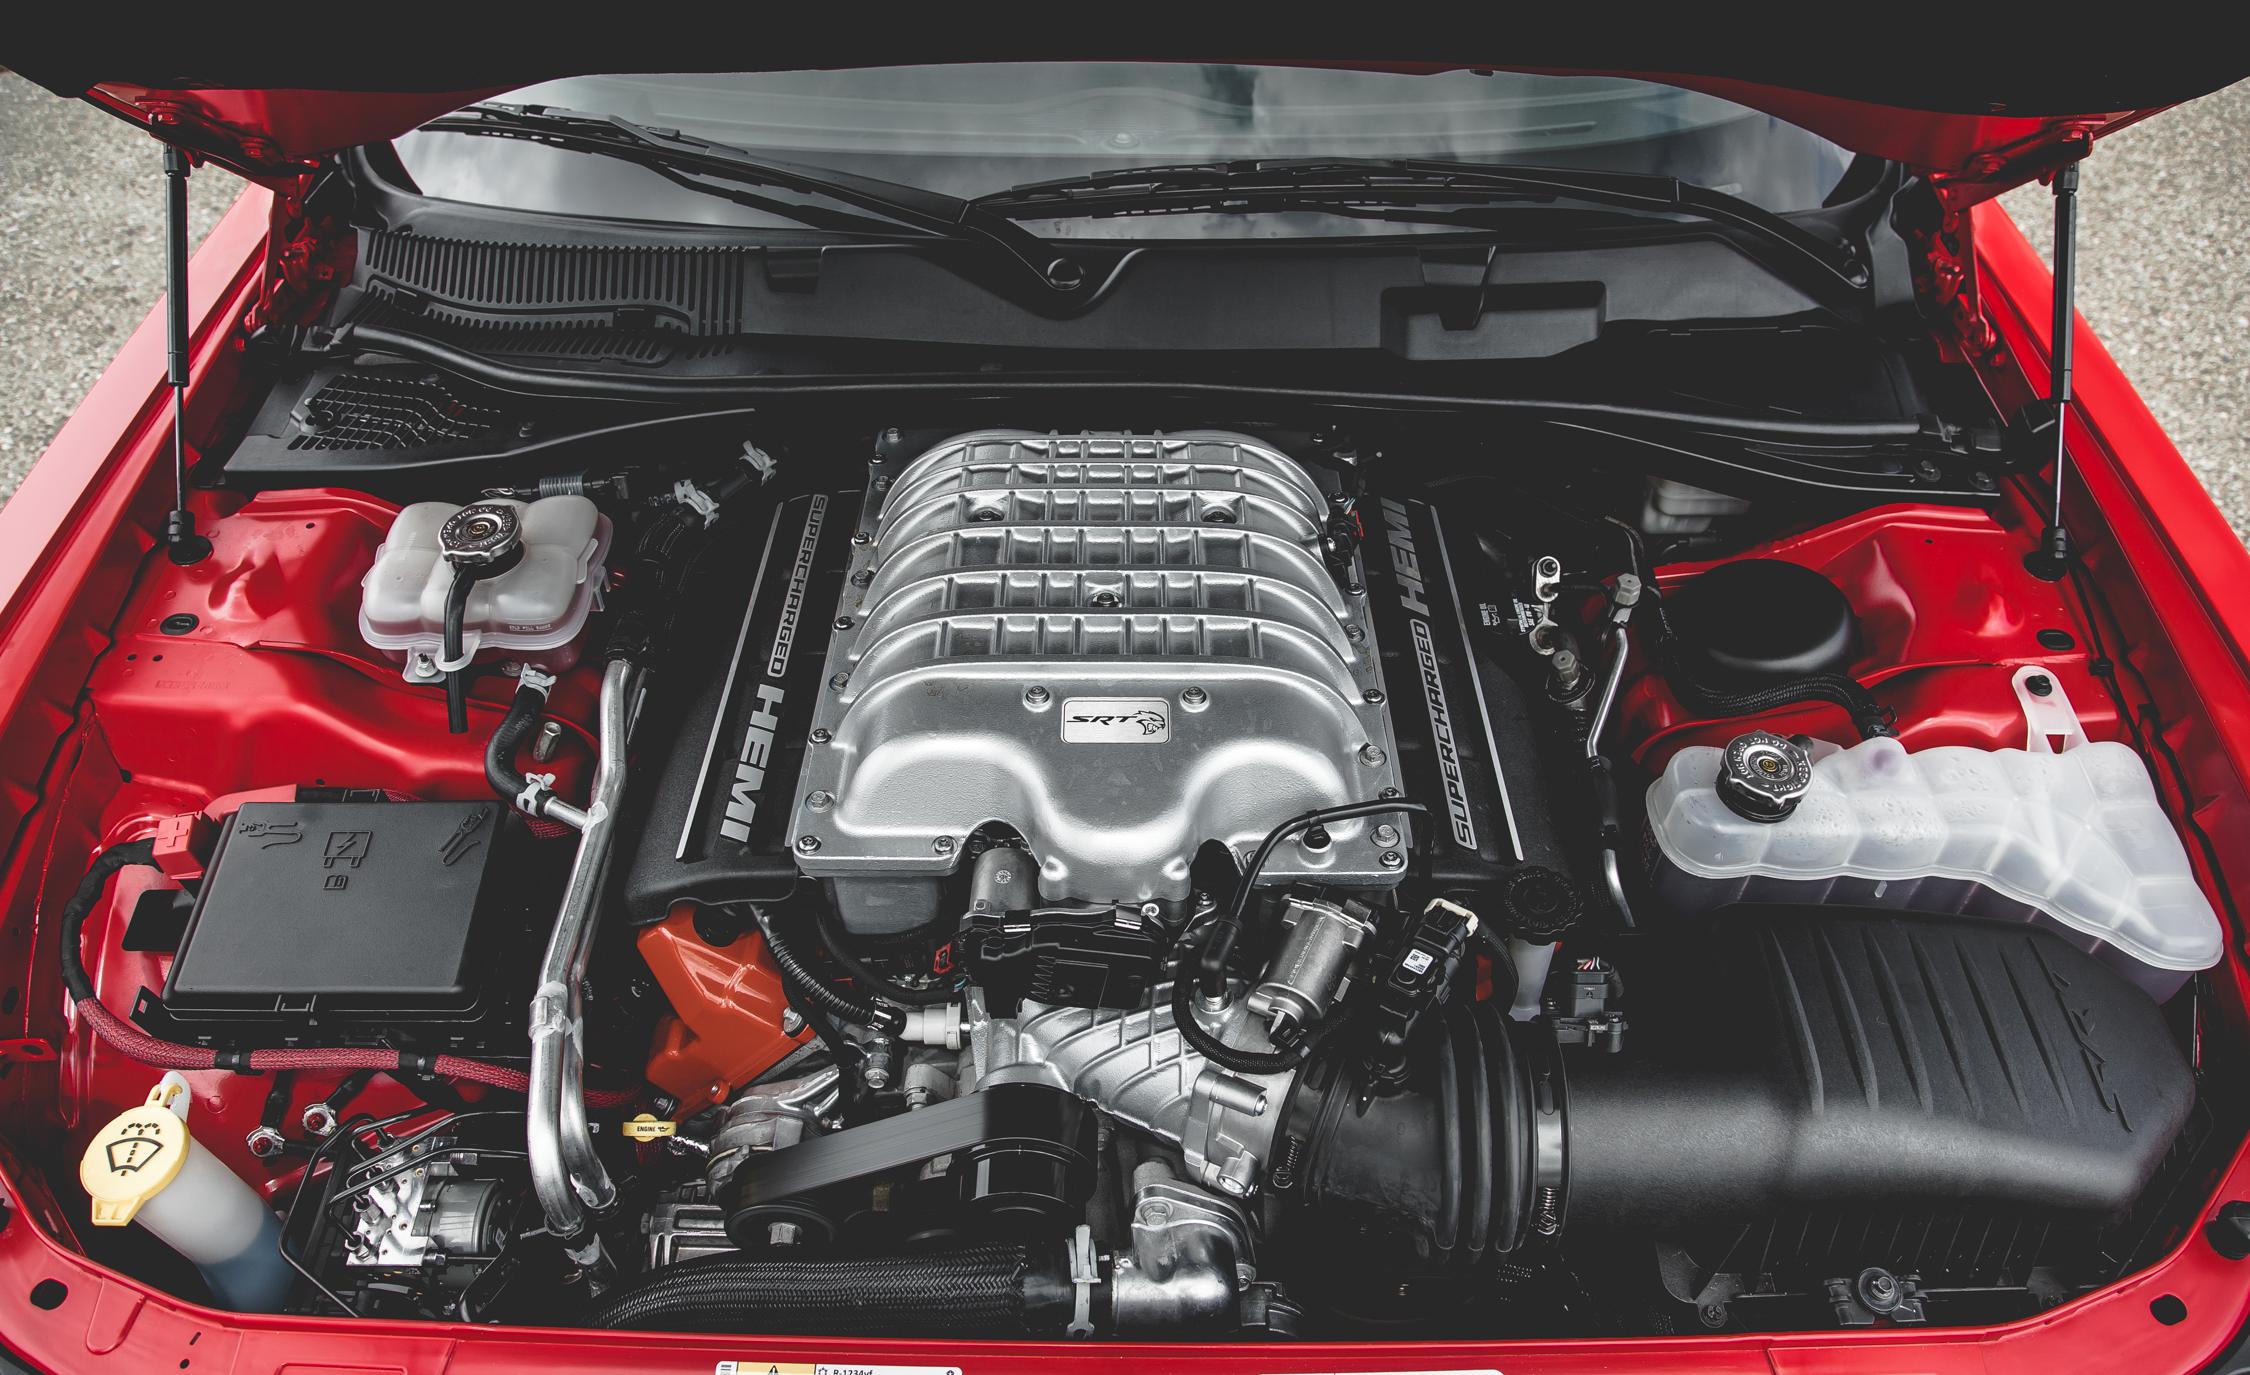 2015 dodge challenger srt hellcat supercharged 6 2 liter v 8 engine 8856 cars performance. Black Bedroom Furniture Sets. Home Design Ideas